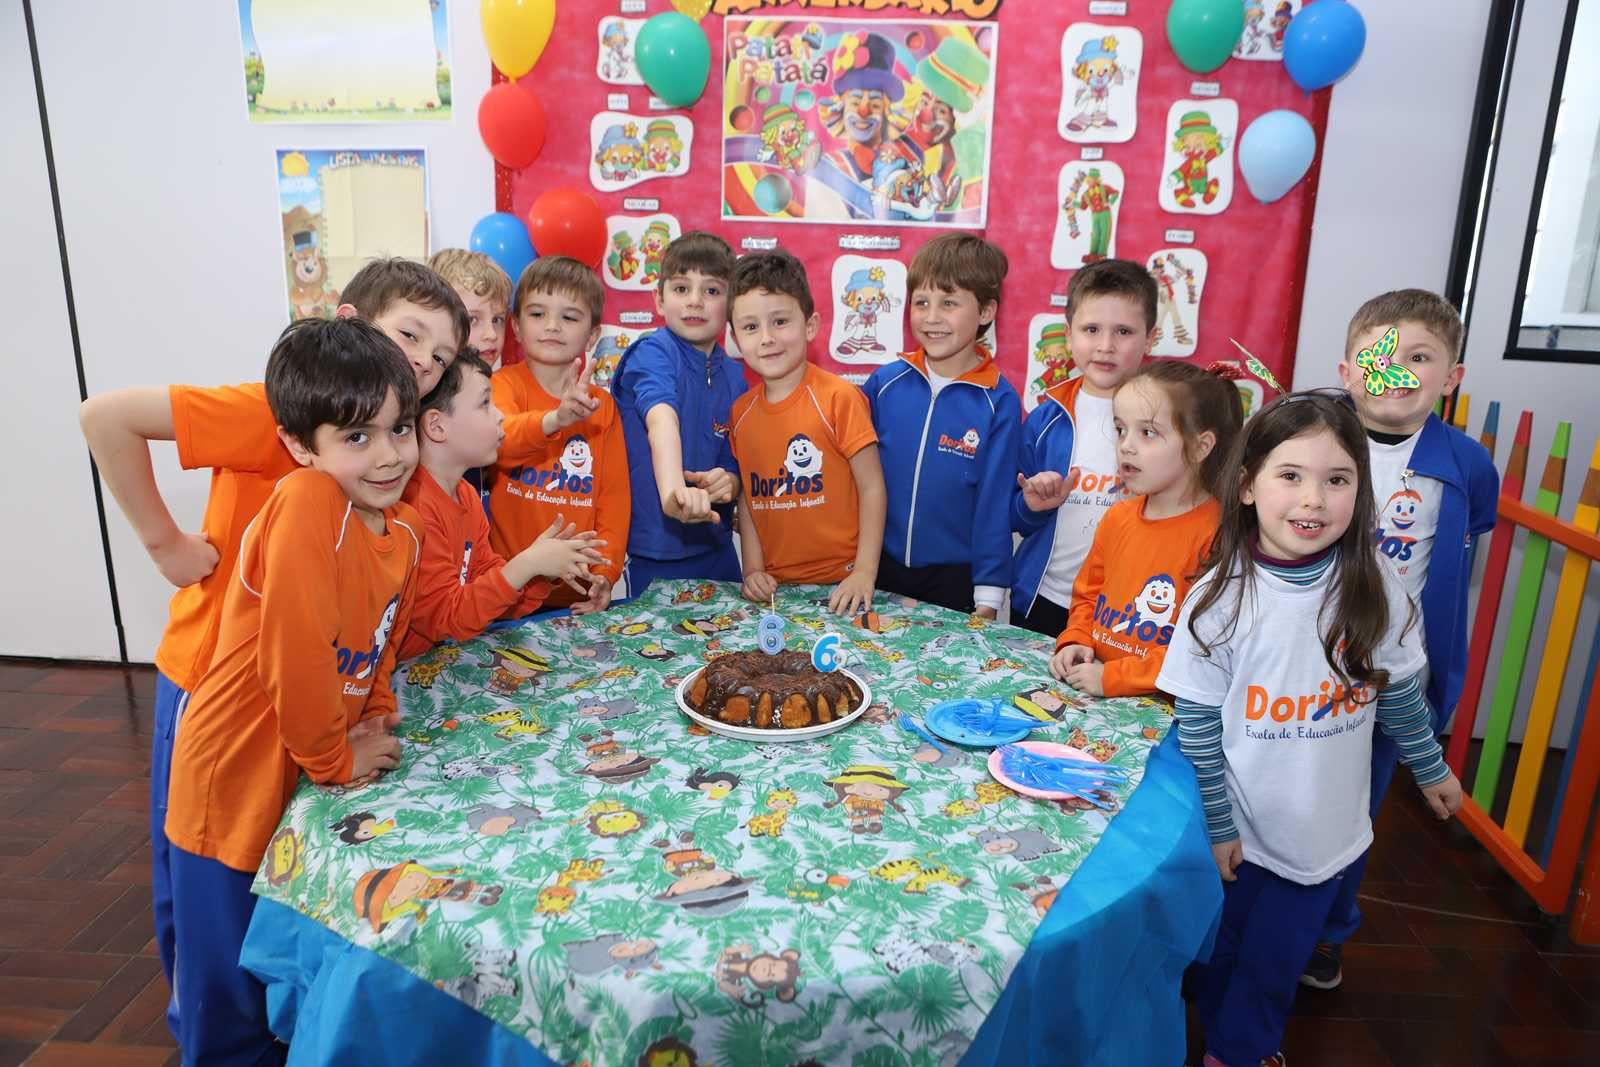 Aniversariantes de Setembro - Escola Doritos